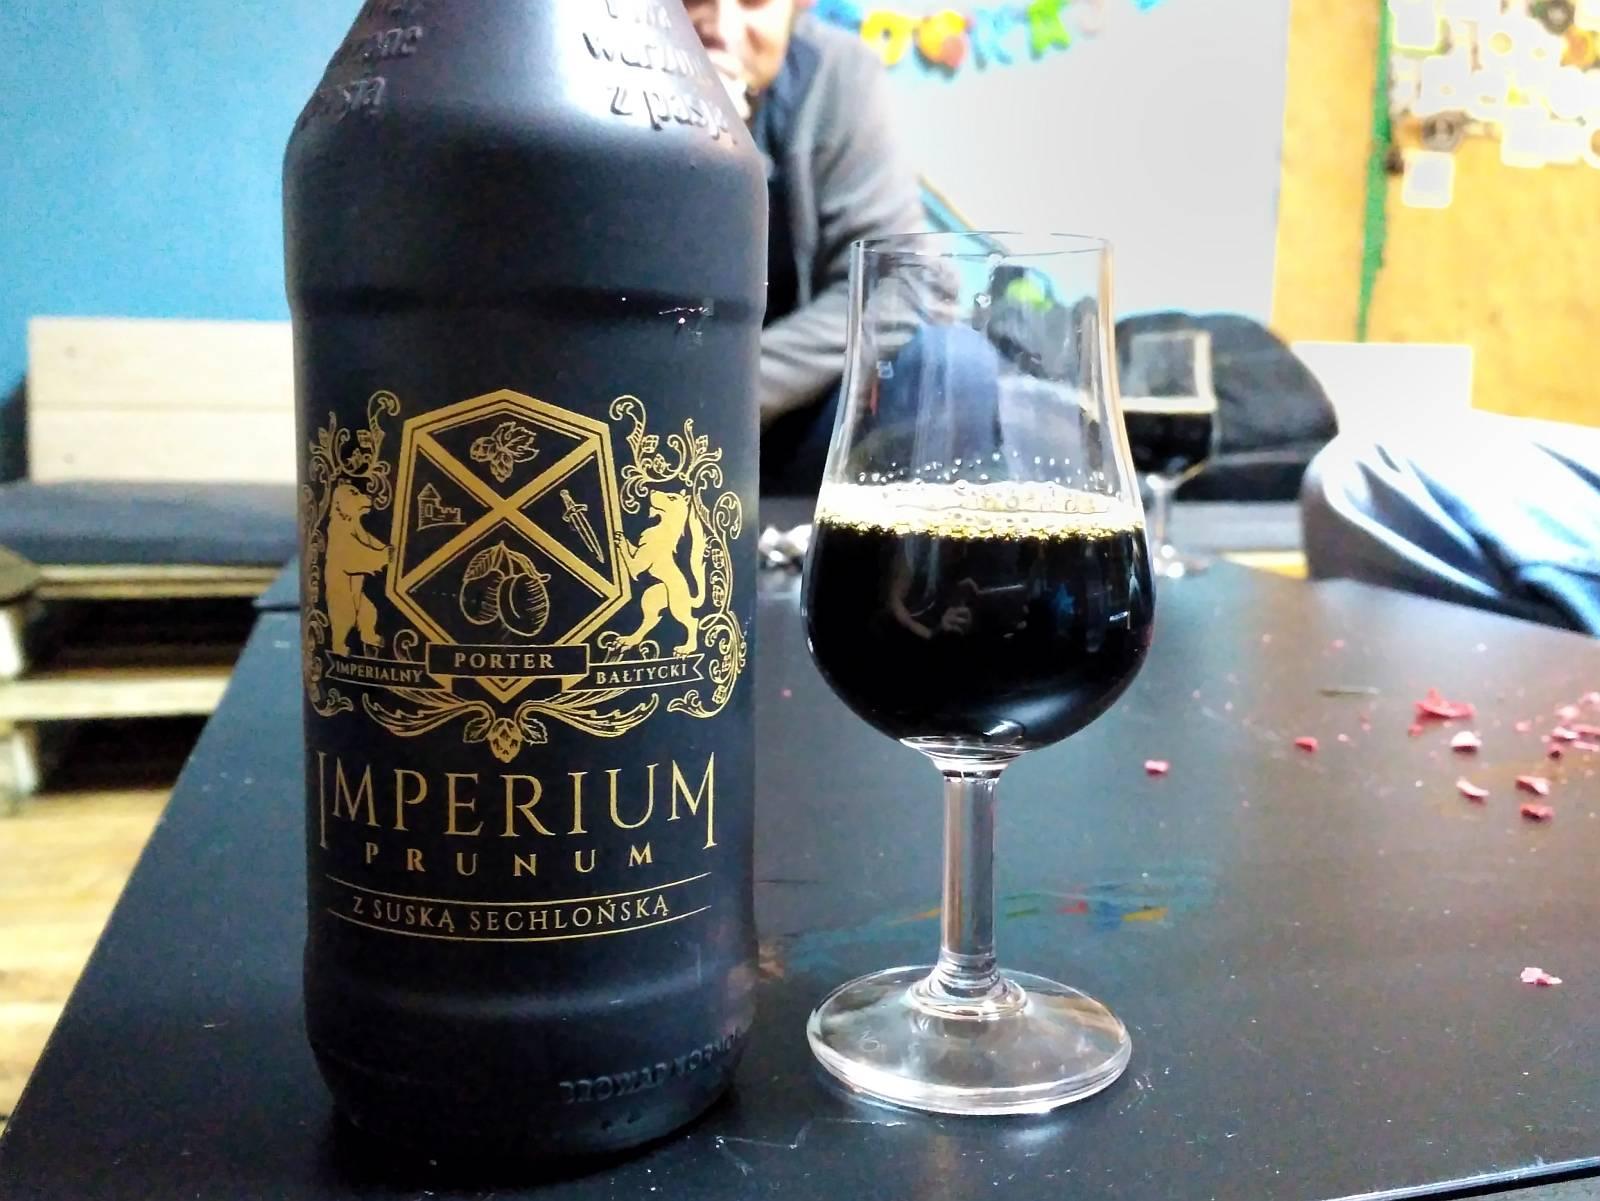 imperium-prunum-2017-porter-kormoran-degustacja